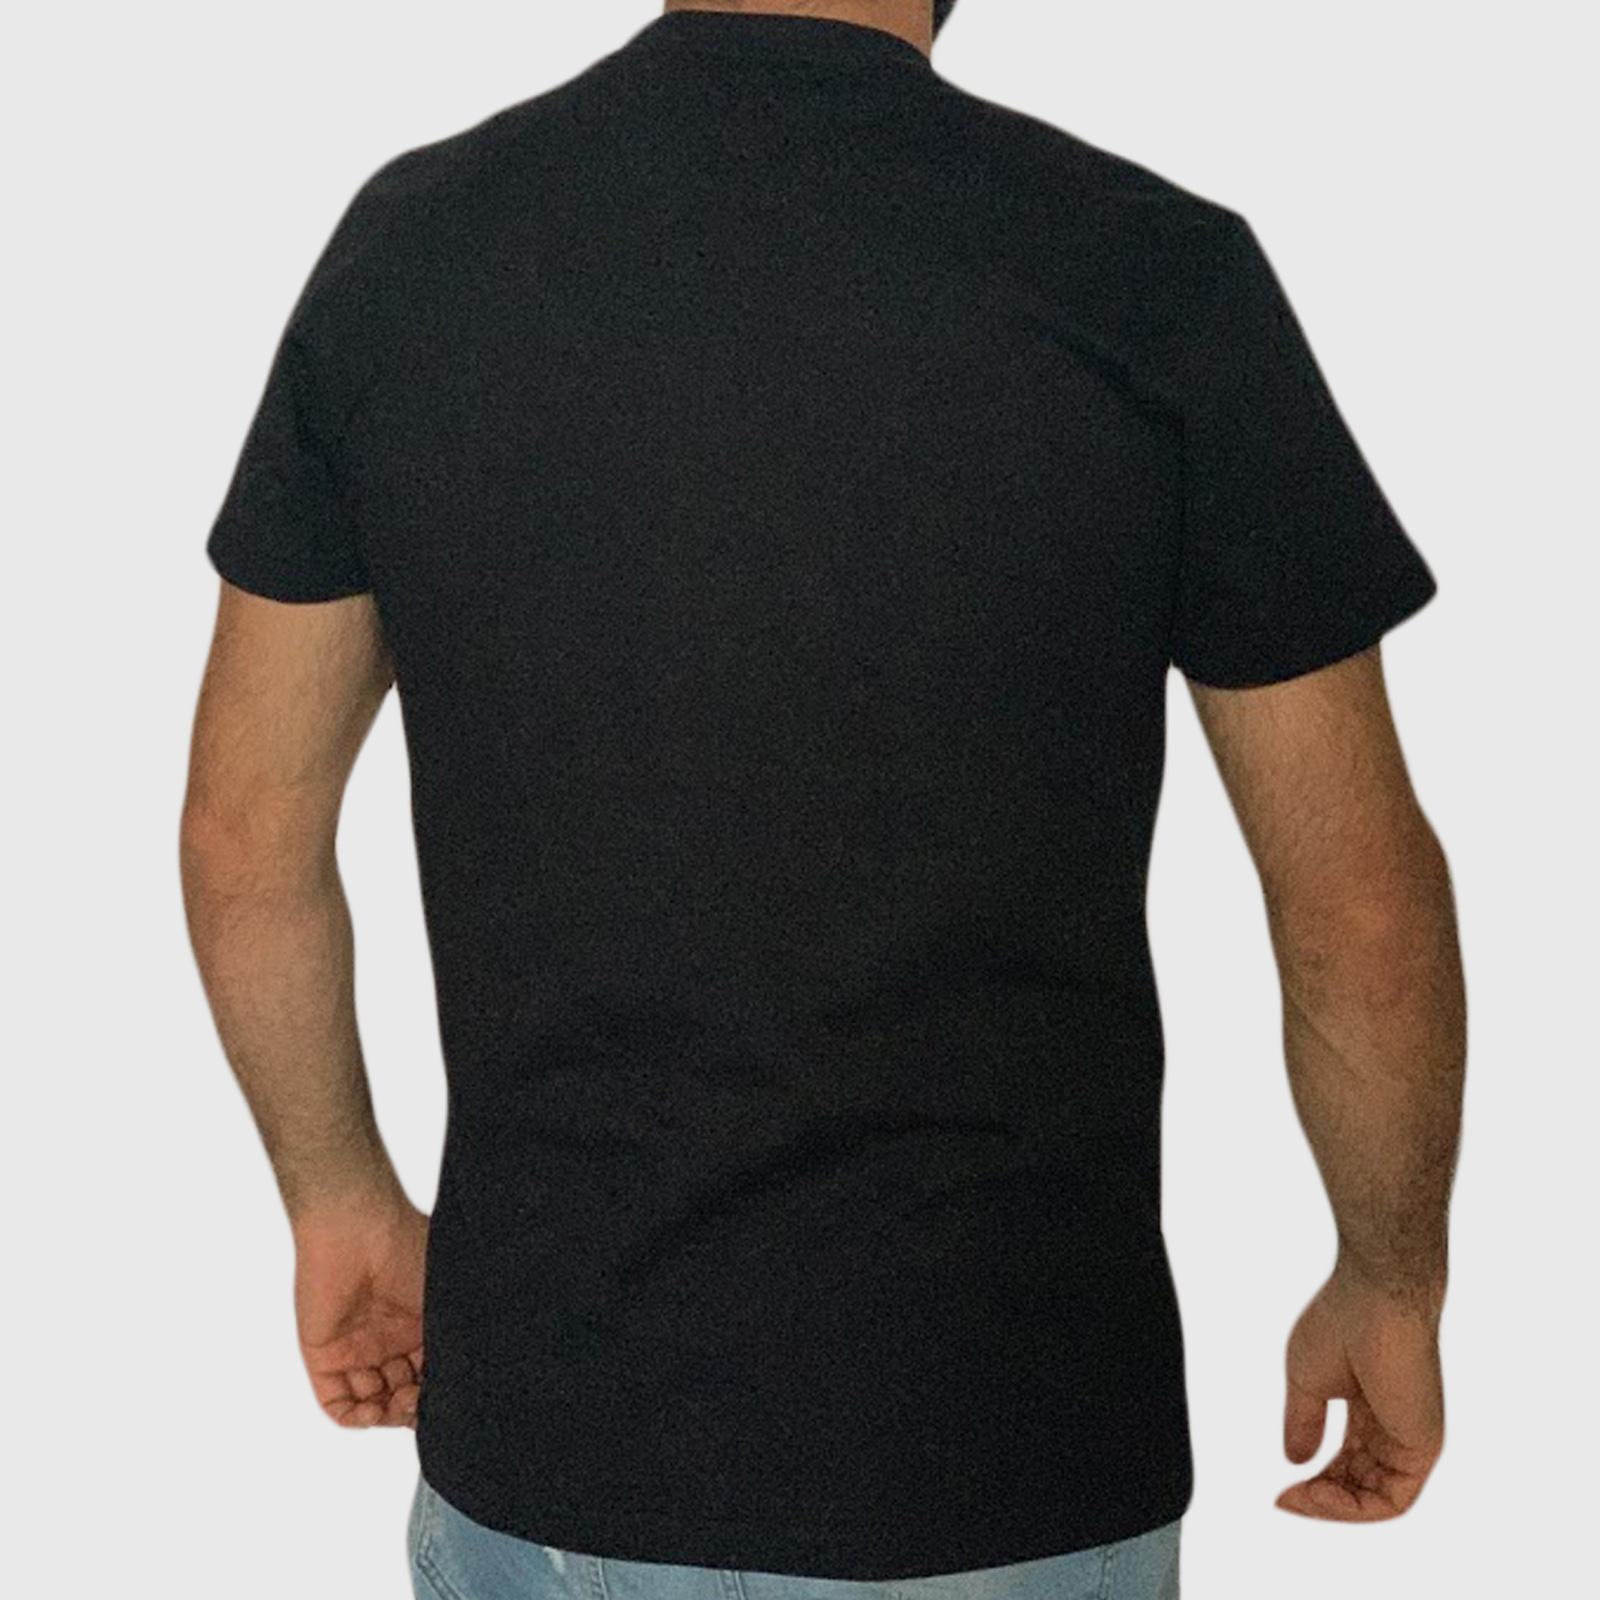 Купить в магазине Москвы мужскую брендовую футболку K1X